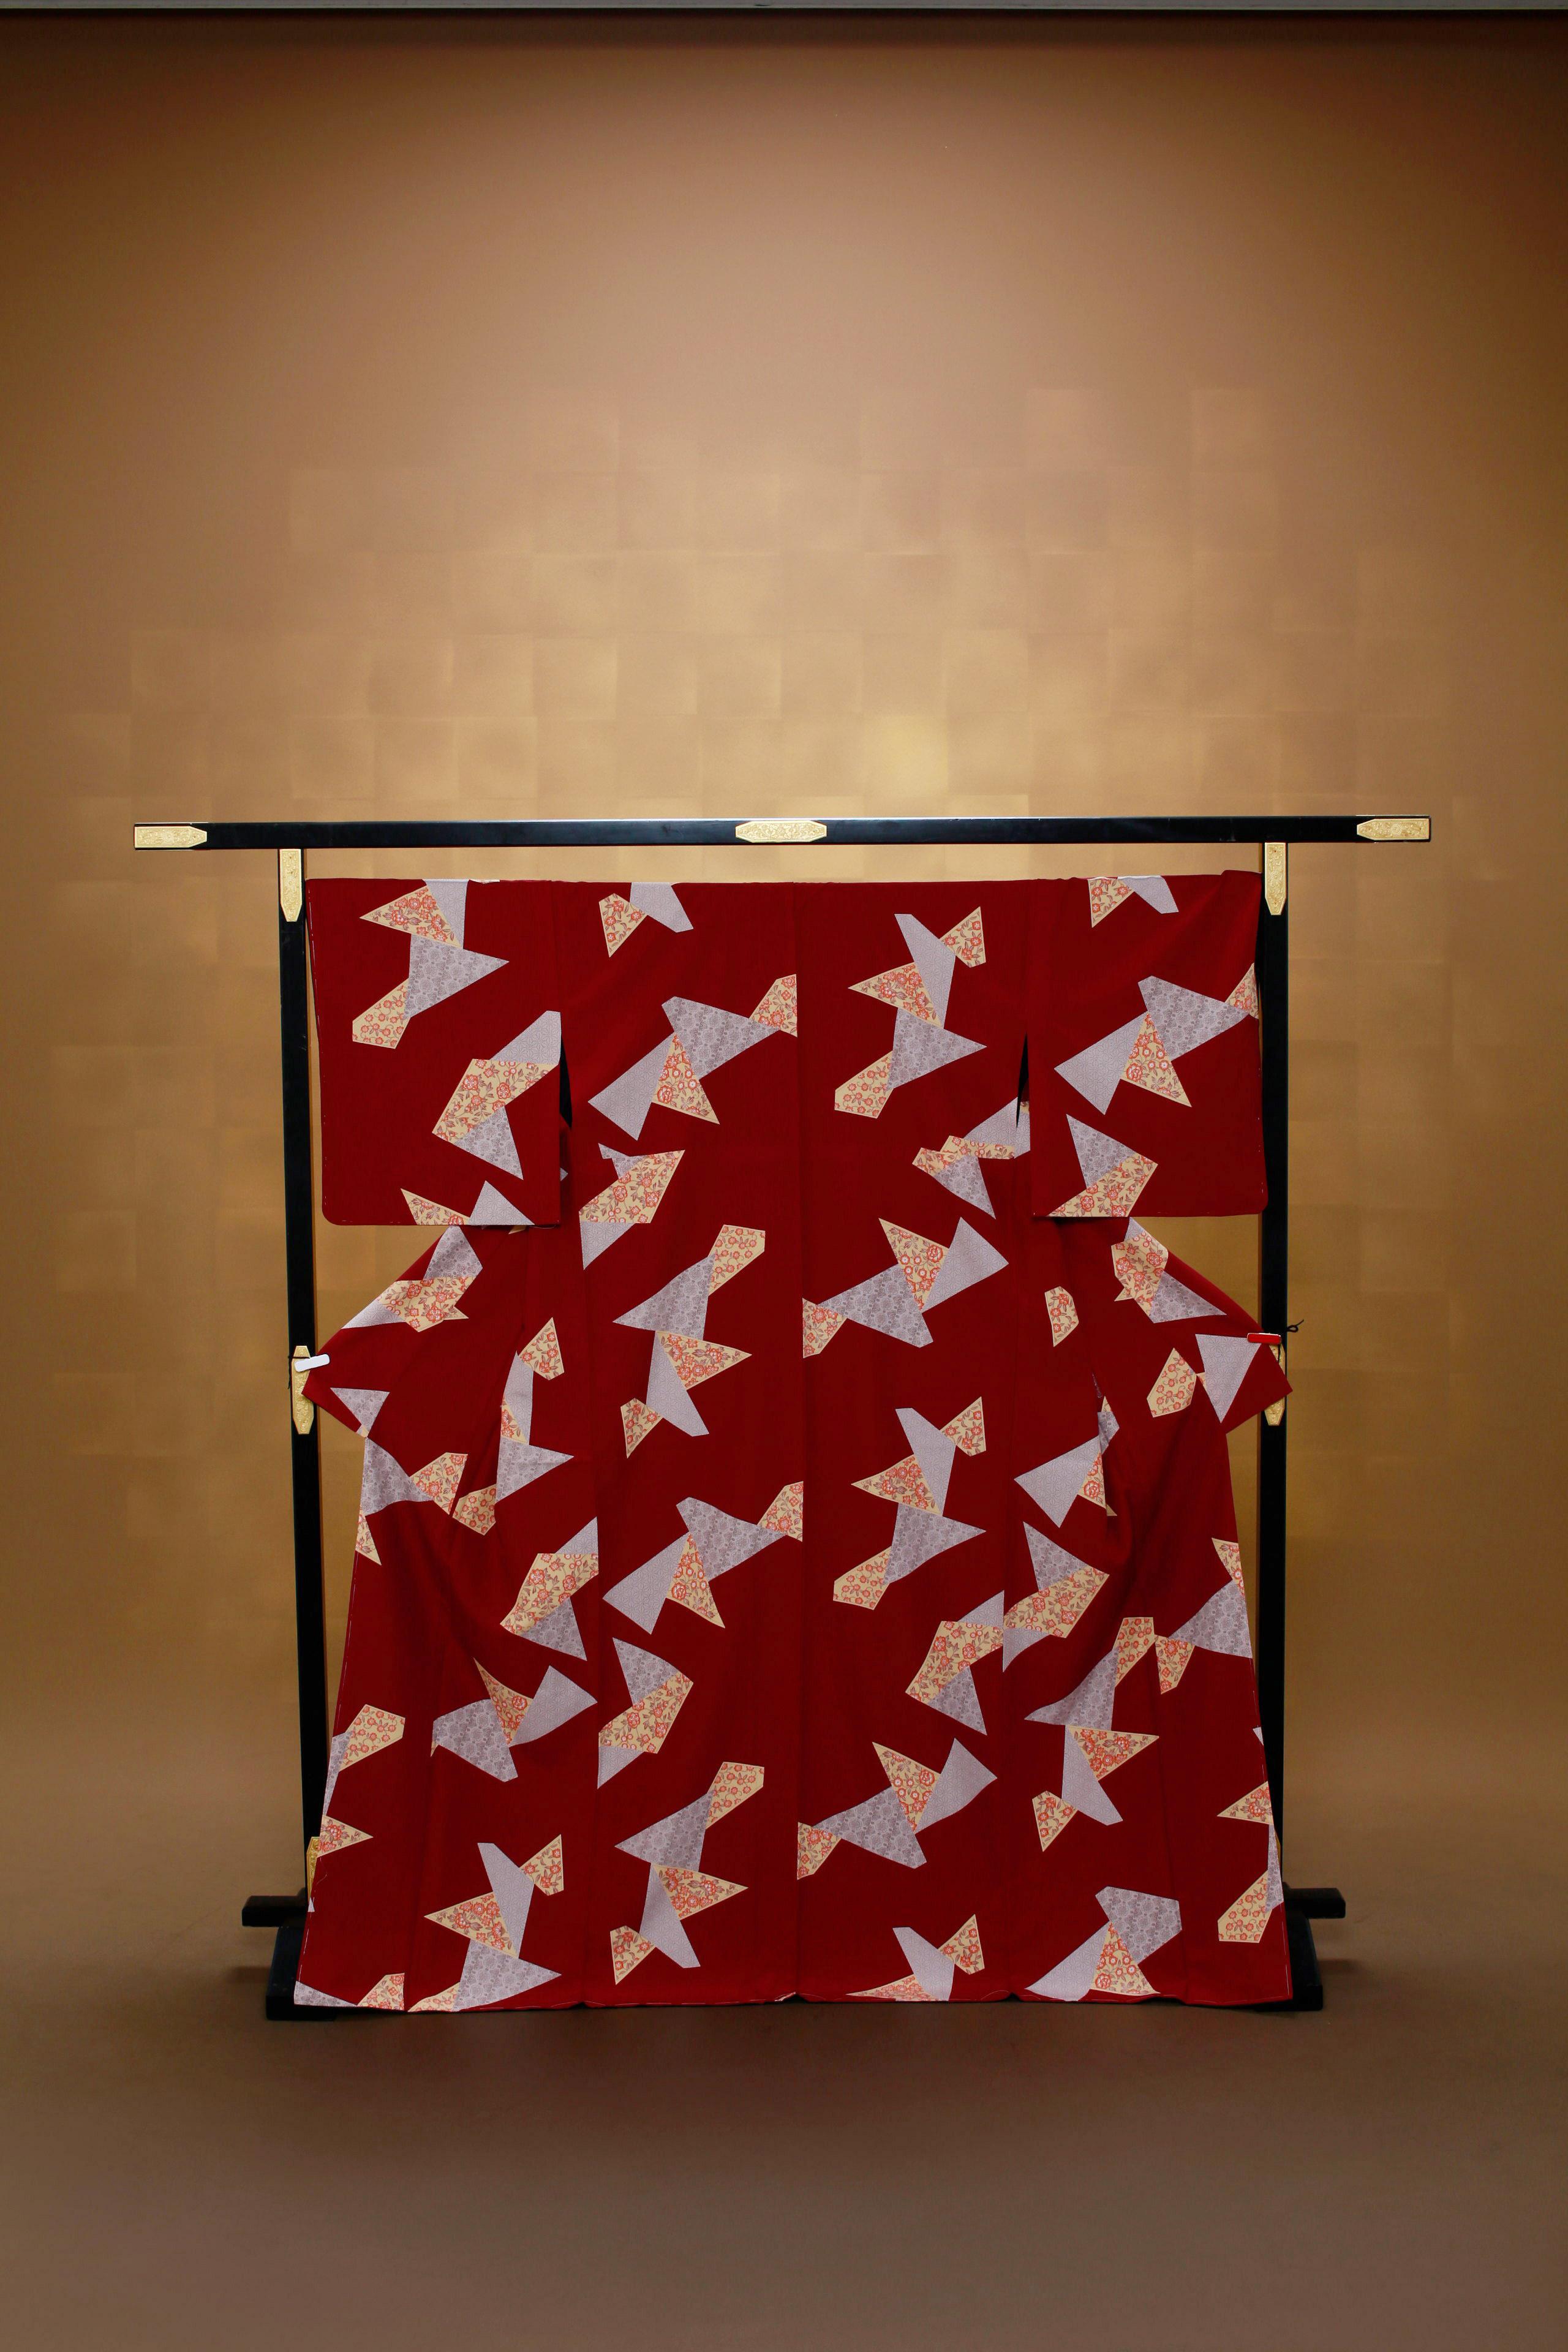 赤茶 折紙 レンタル着物